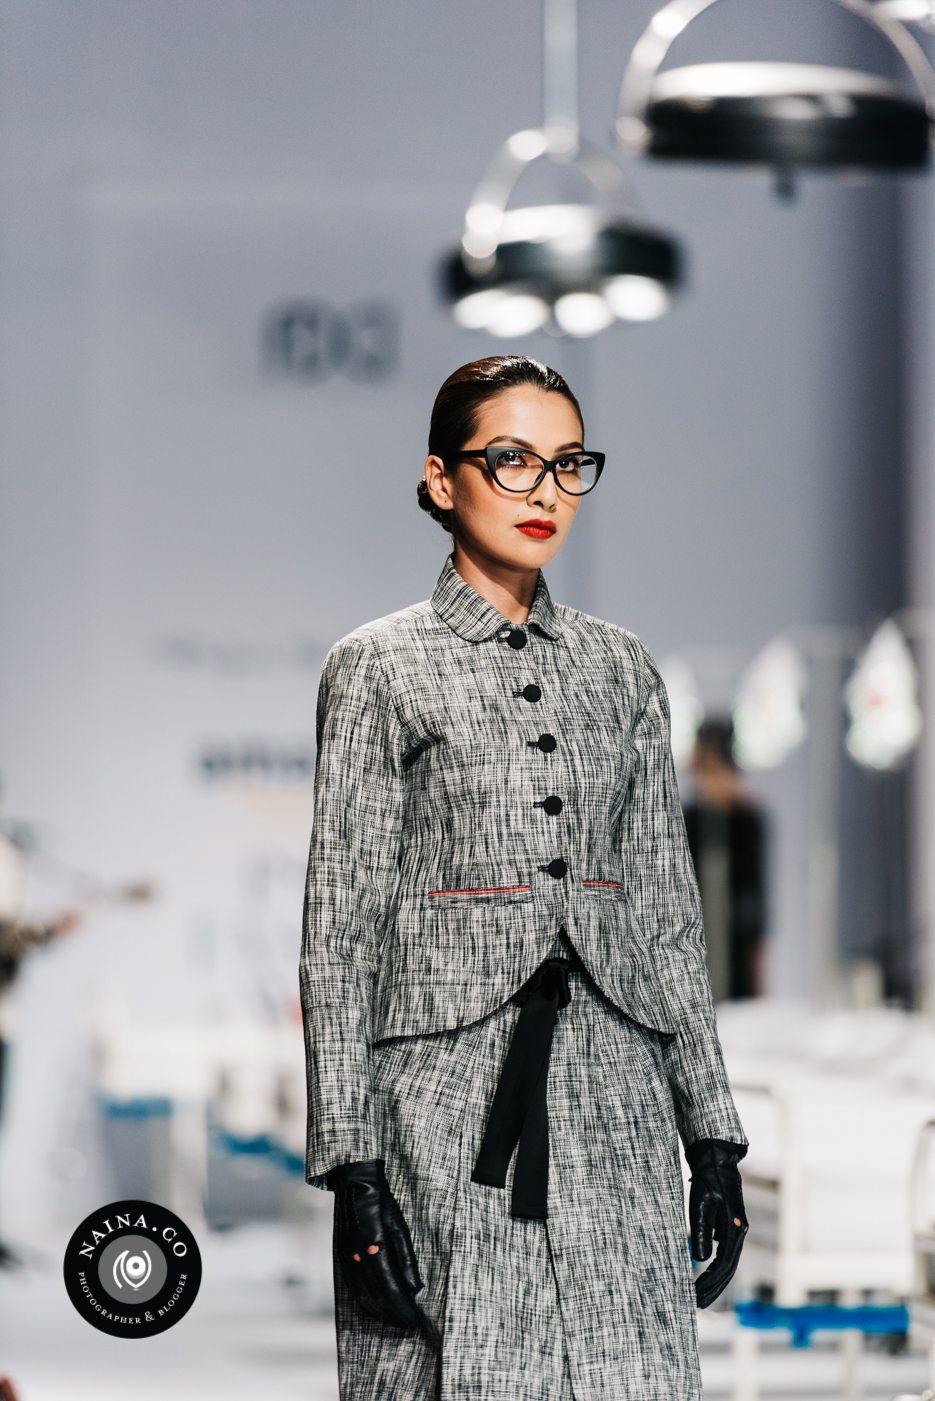 Naina.co-Raconteuse-Visuelle-Photographer-Blogger-Storyteller-Luxury-Lifestyle-RajeshPratapSingh-AIFWAW15